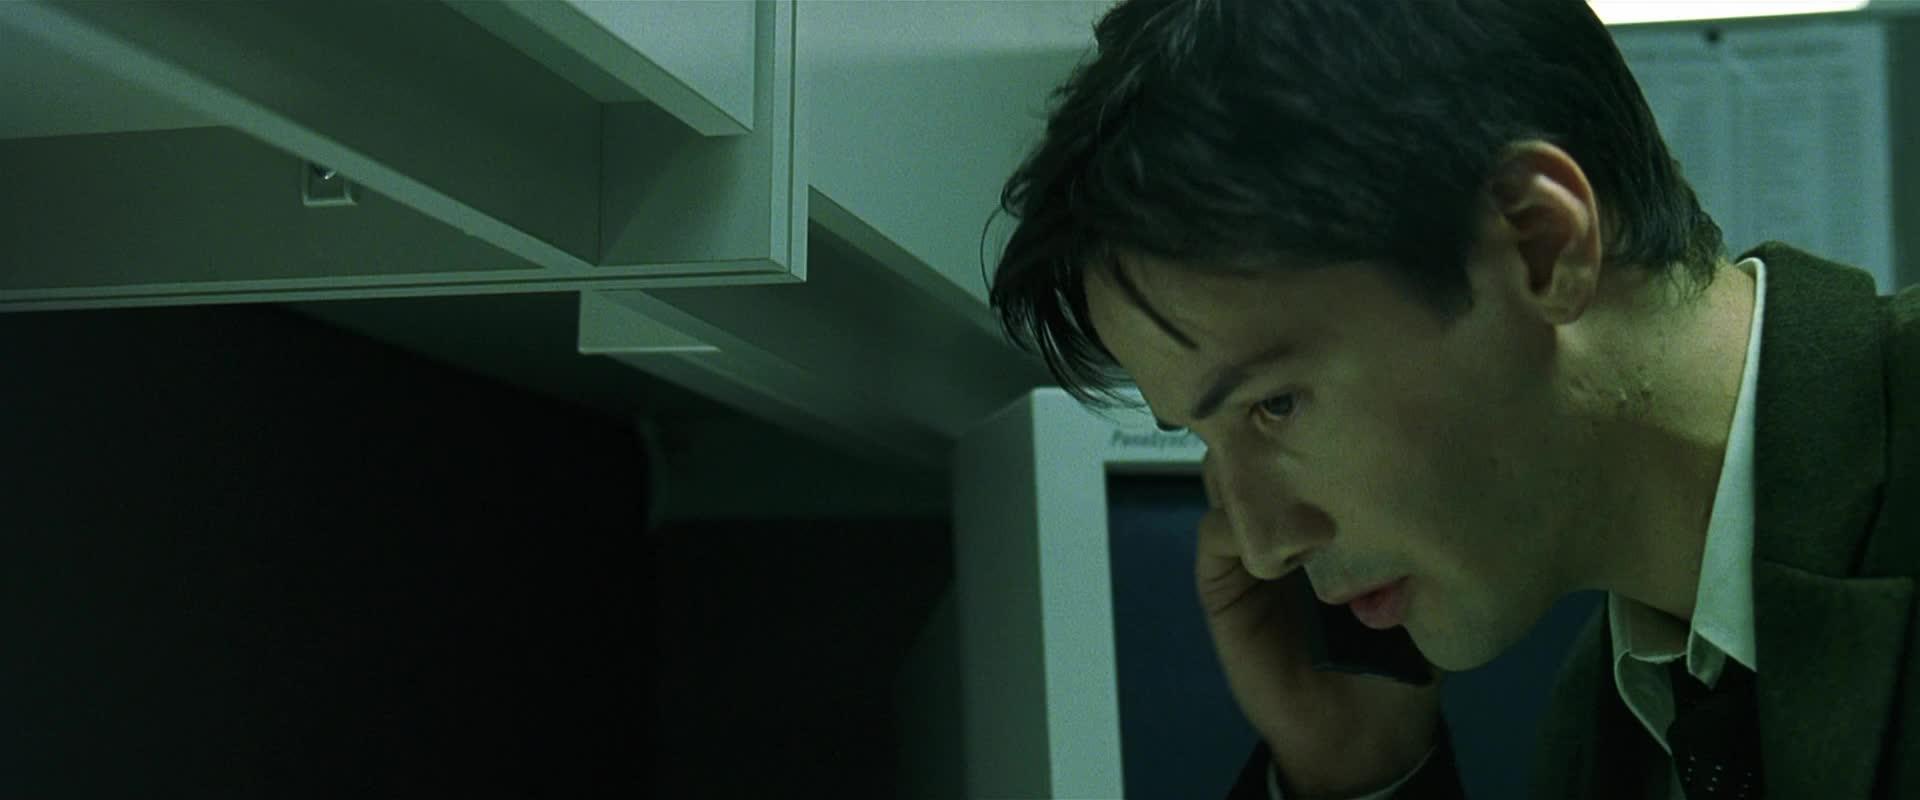 MWM015 - 分15 Flucht durch das Büro